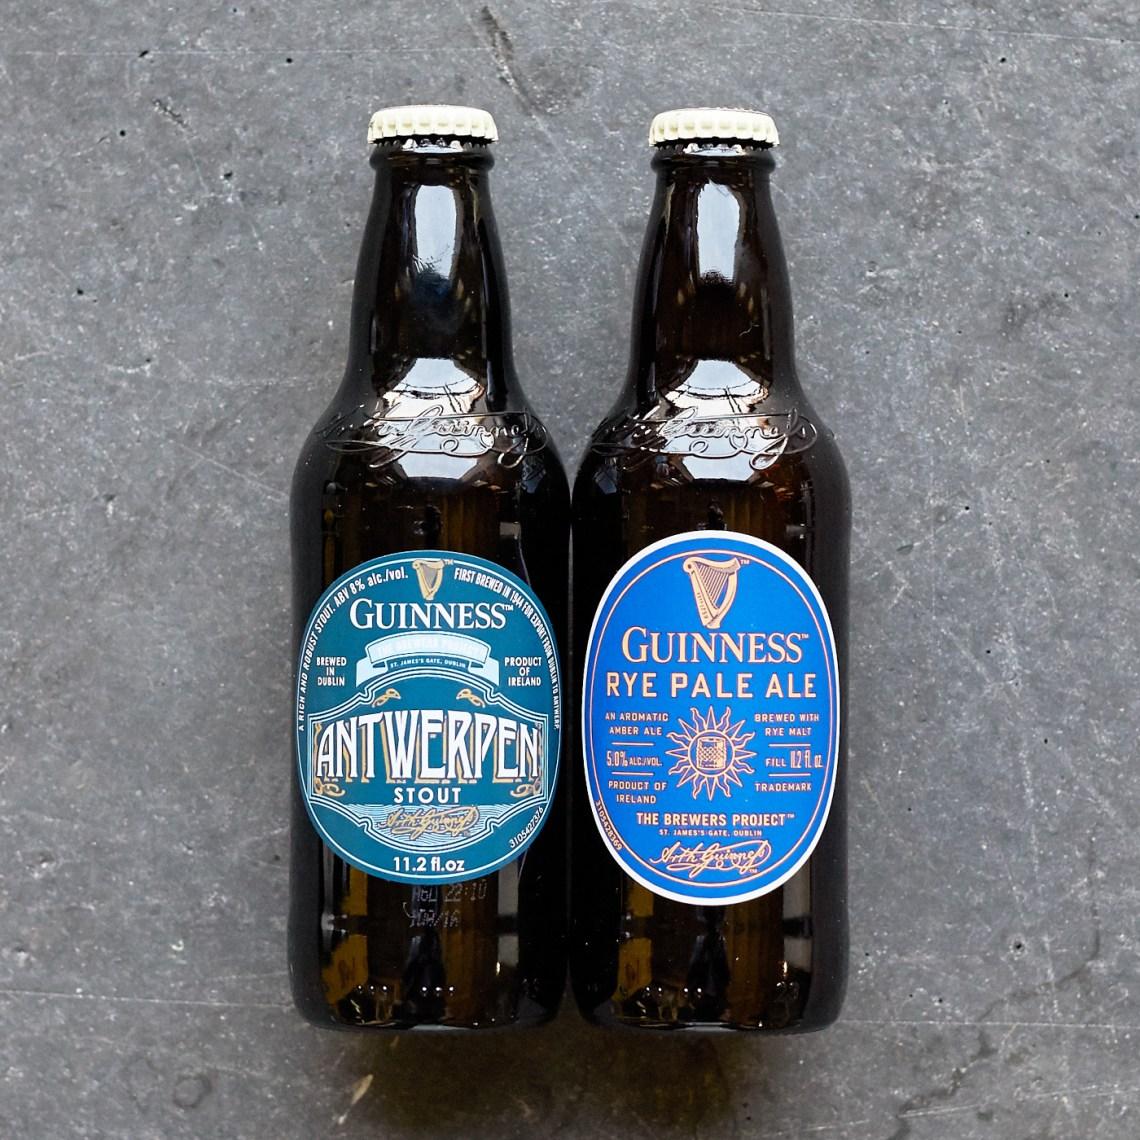 Guinness Antwerpen Stout